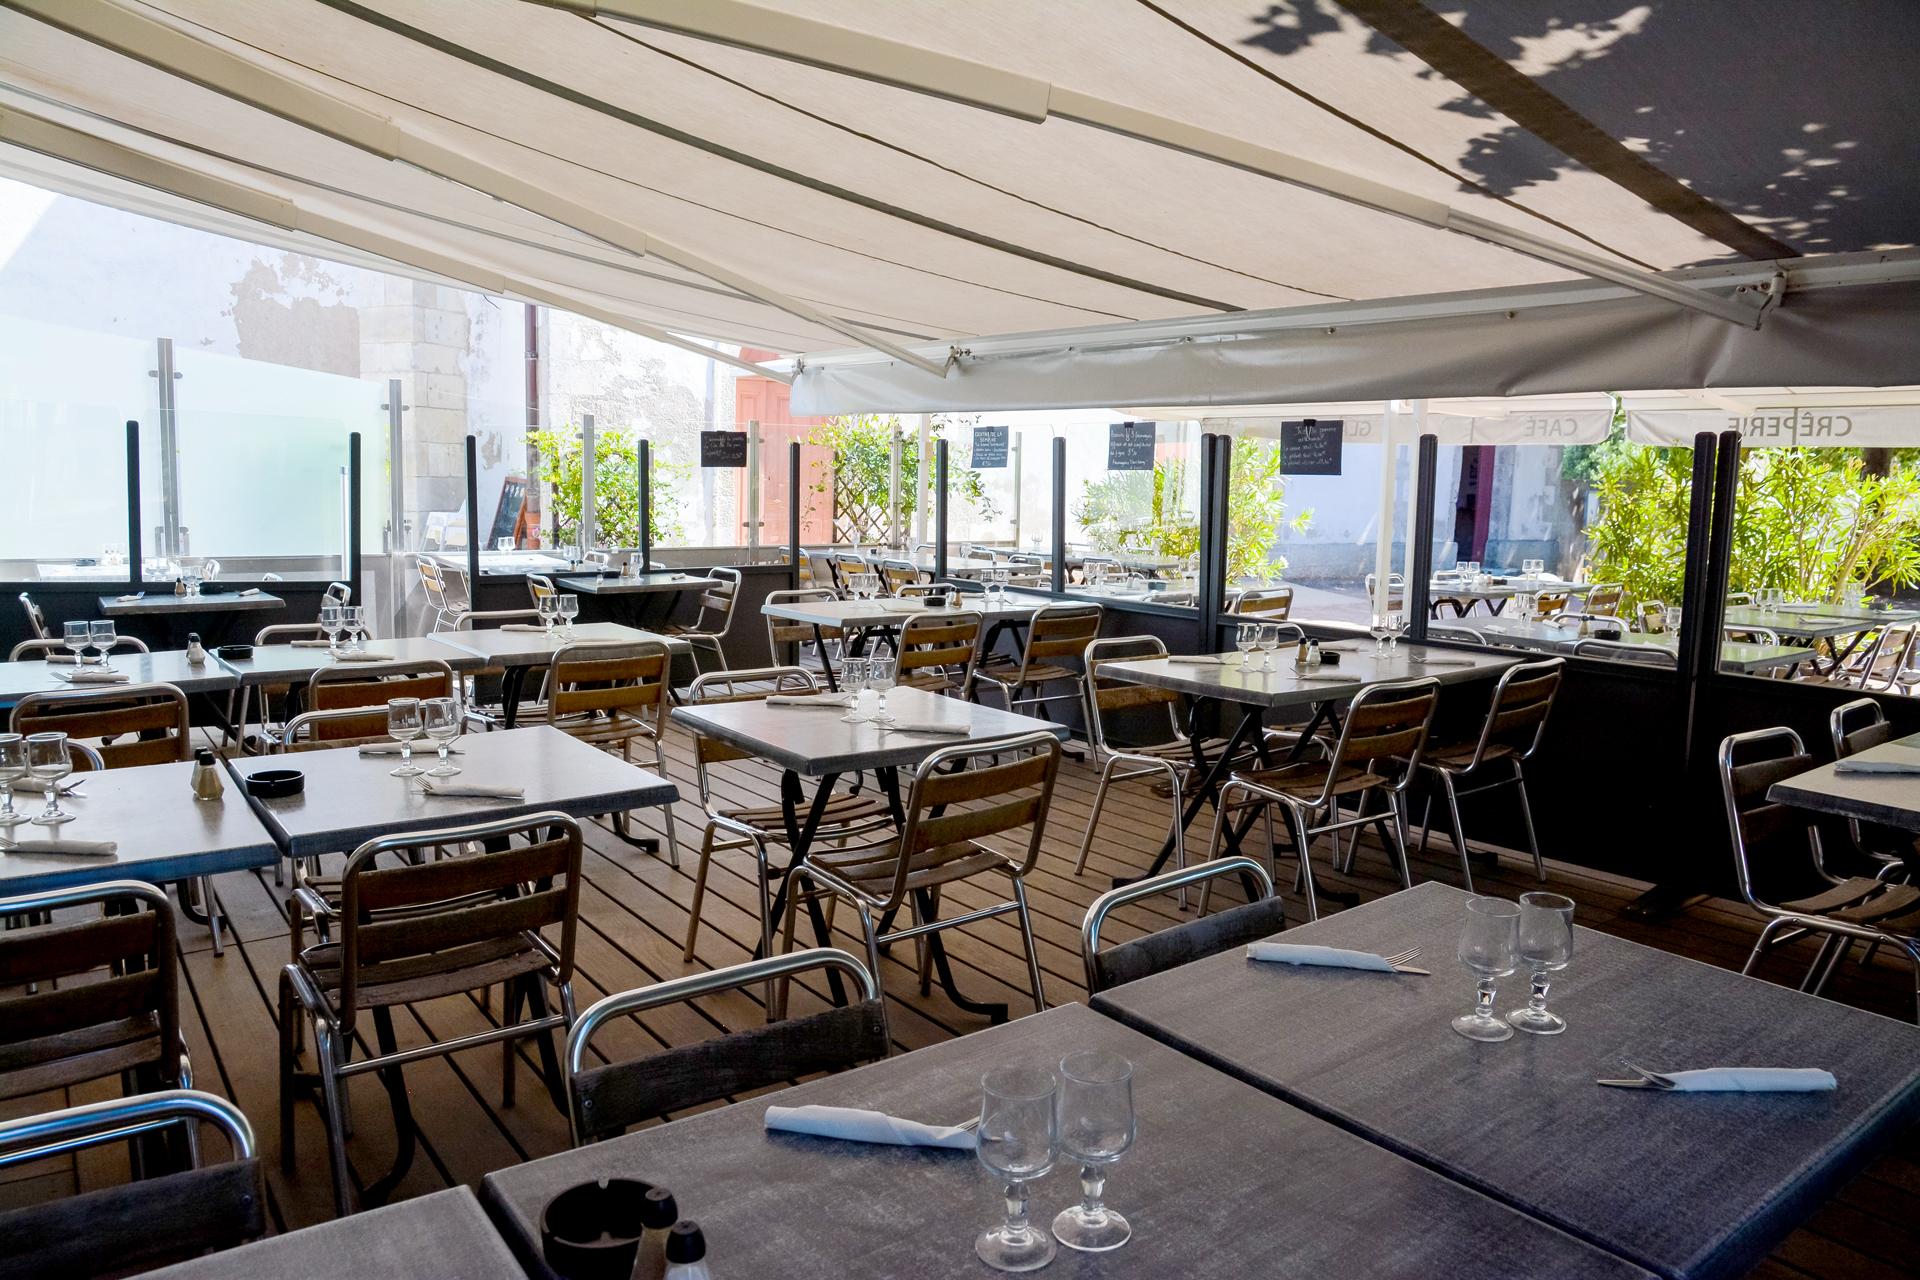 laroutedusel-restaurant-loix-iledere-terrasse.jpg